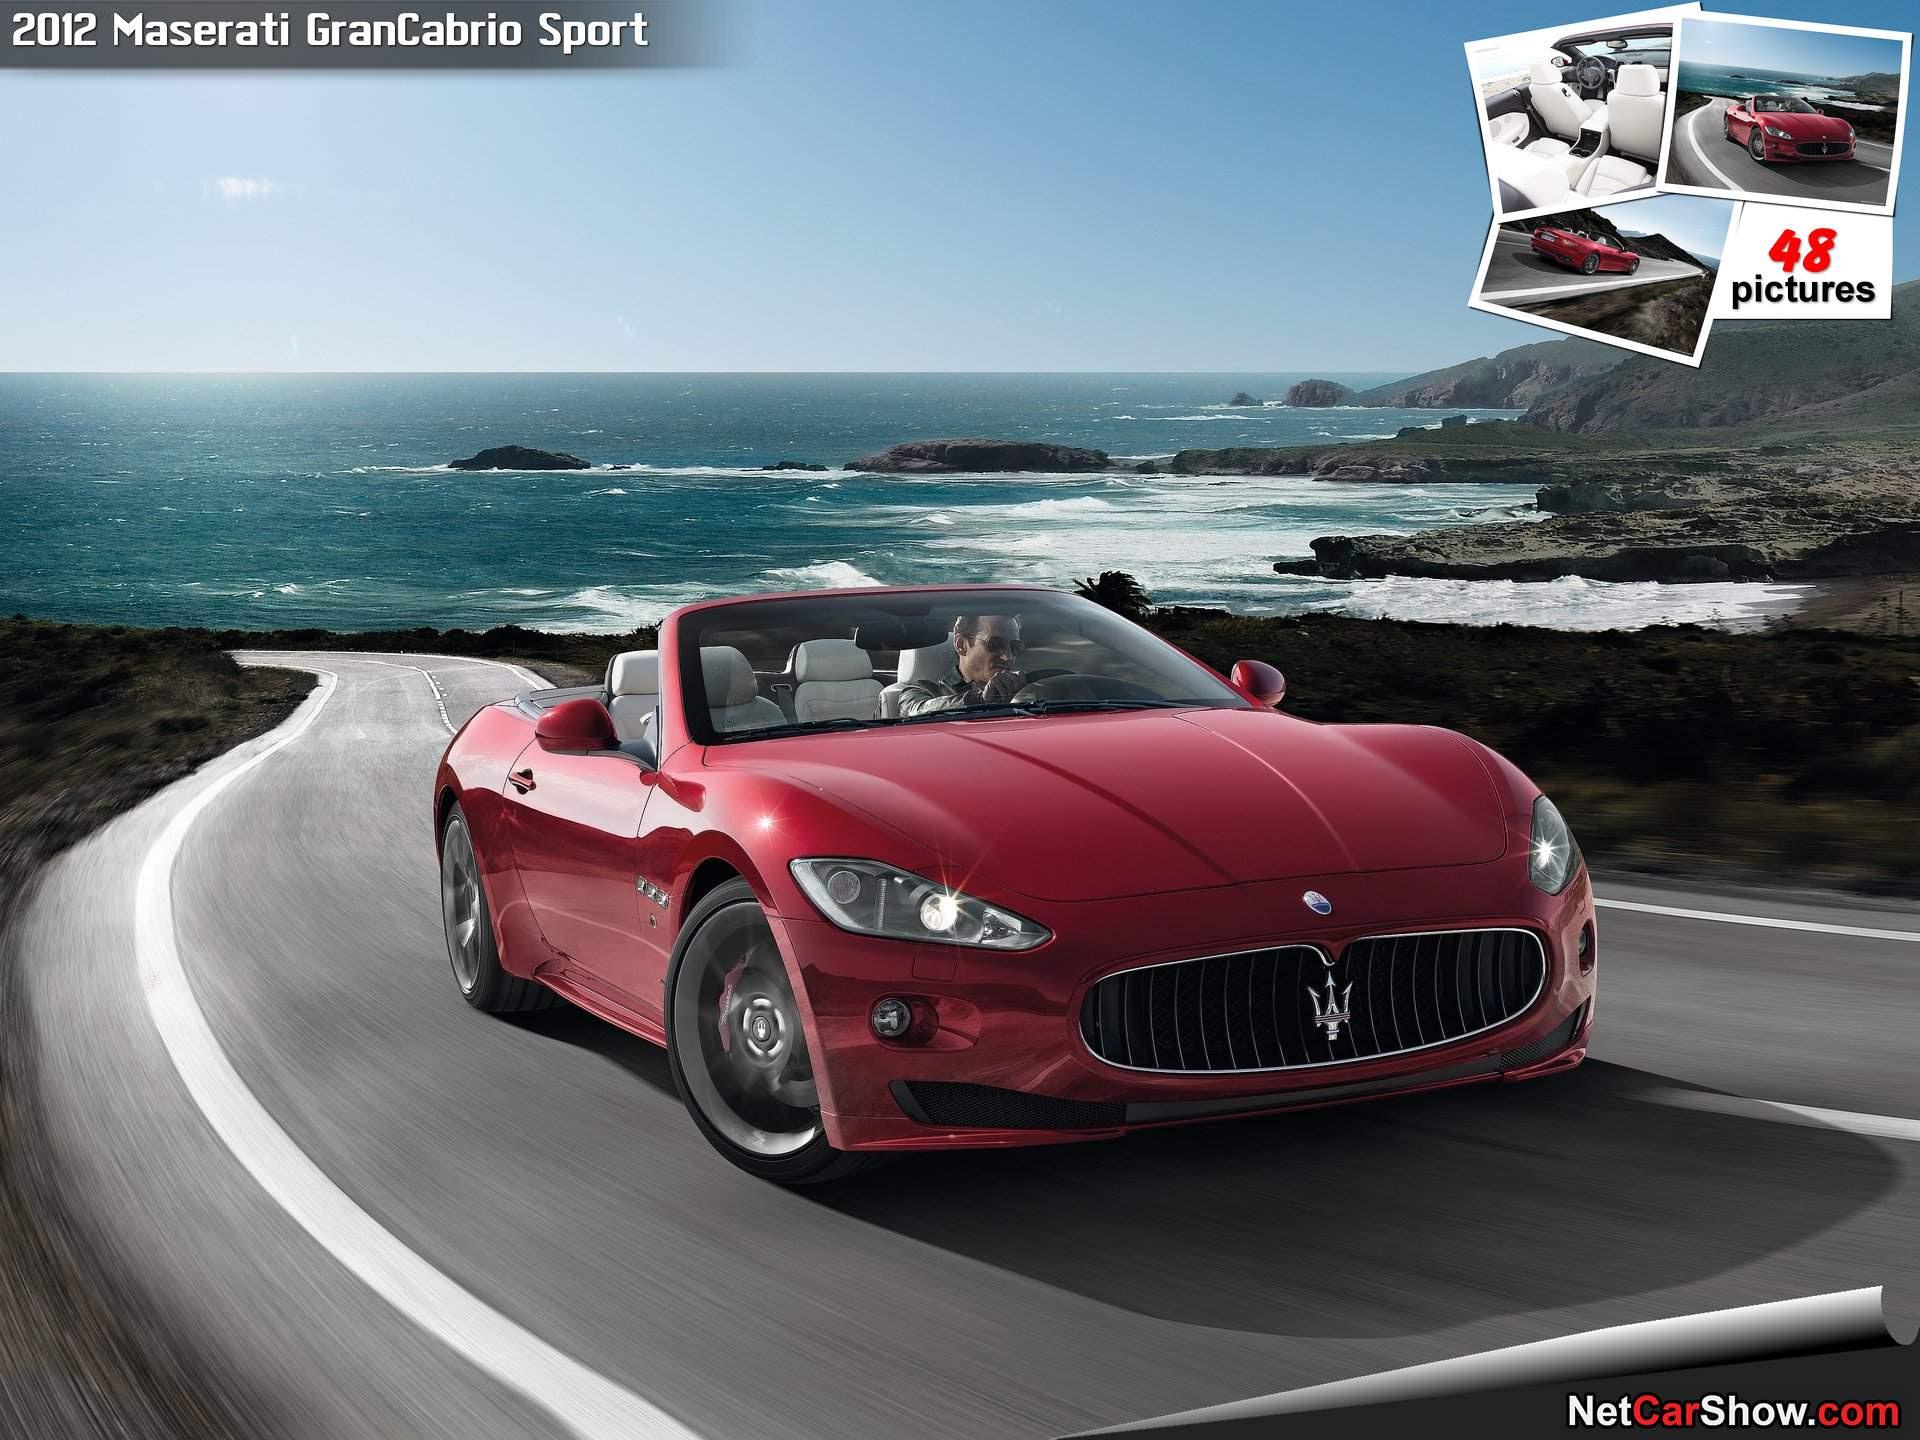 Maserati GranCabrio Sport (2012)